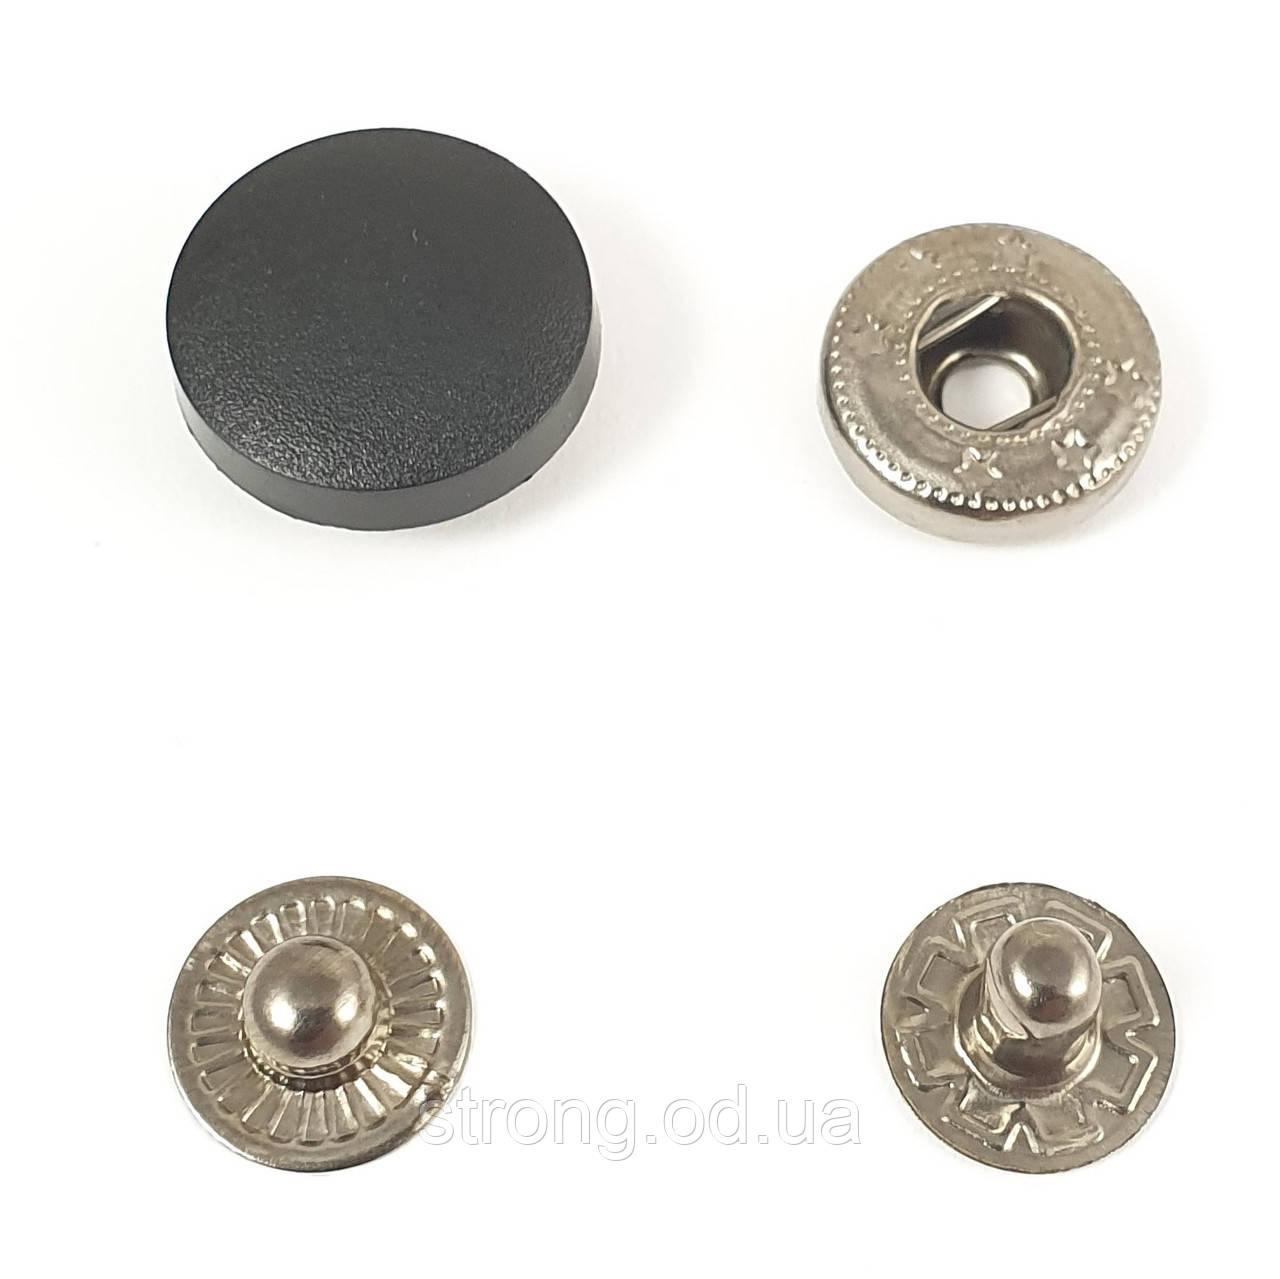 Кнопка Альфа 17мм Пластиковая шляпка Черная К (50шт.)